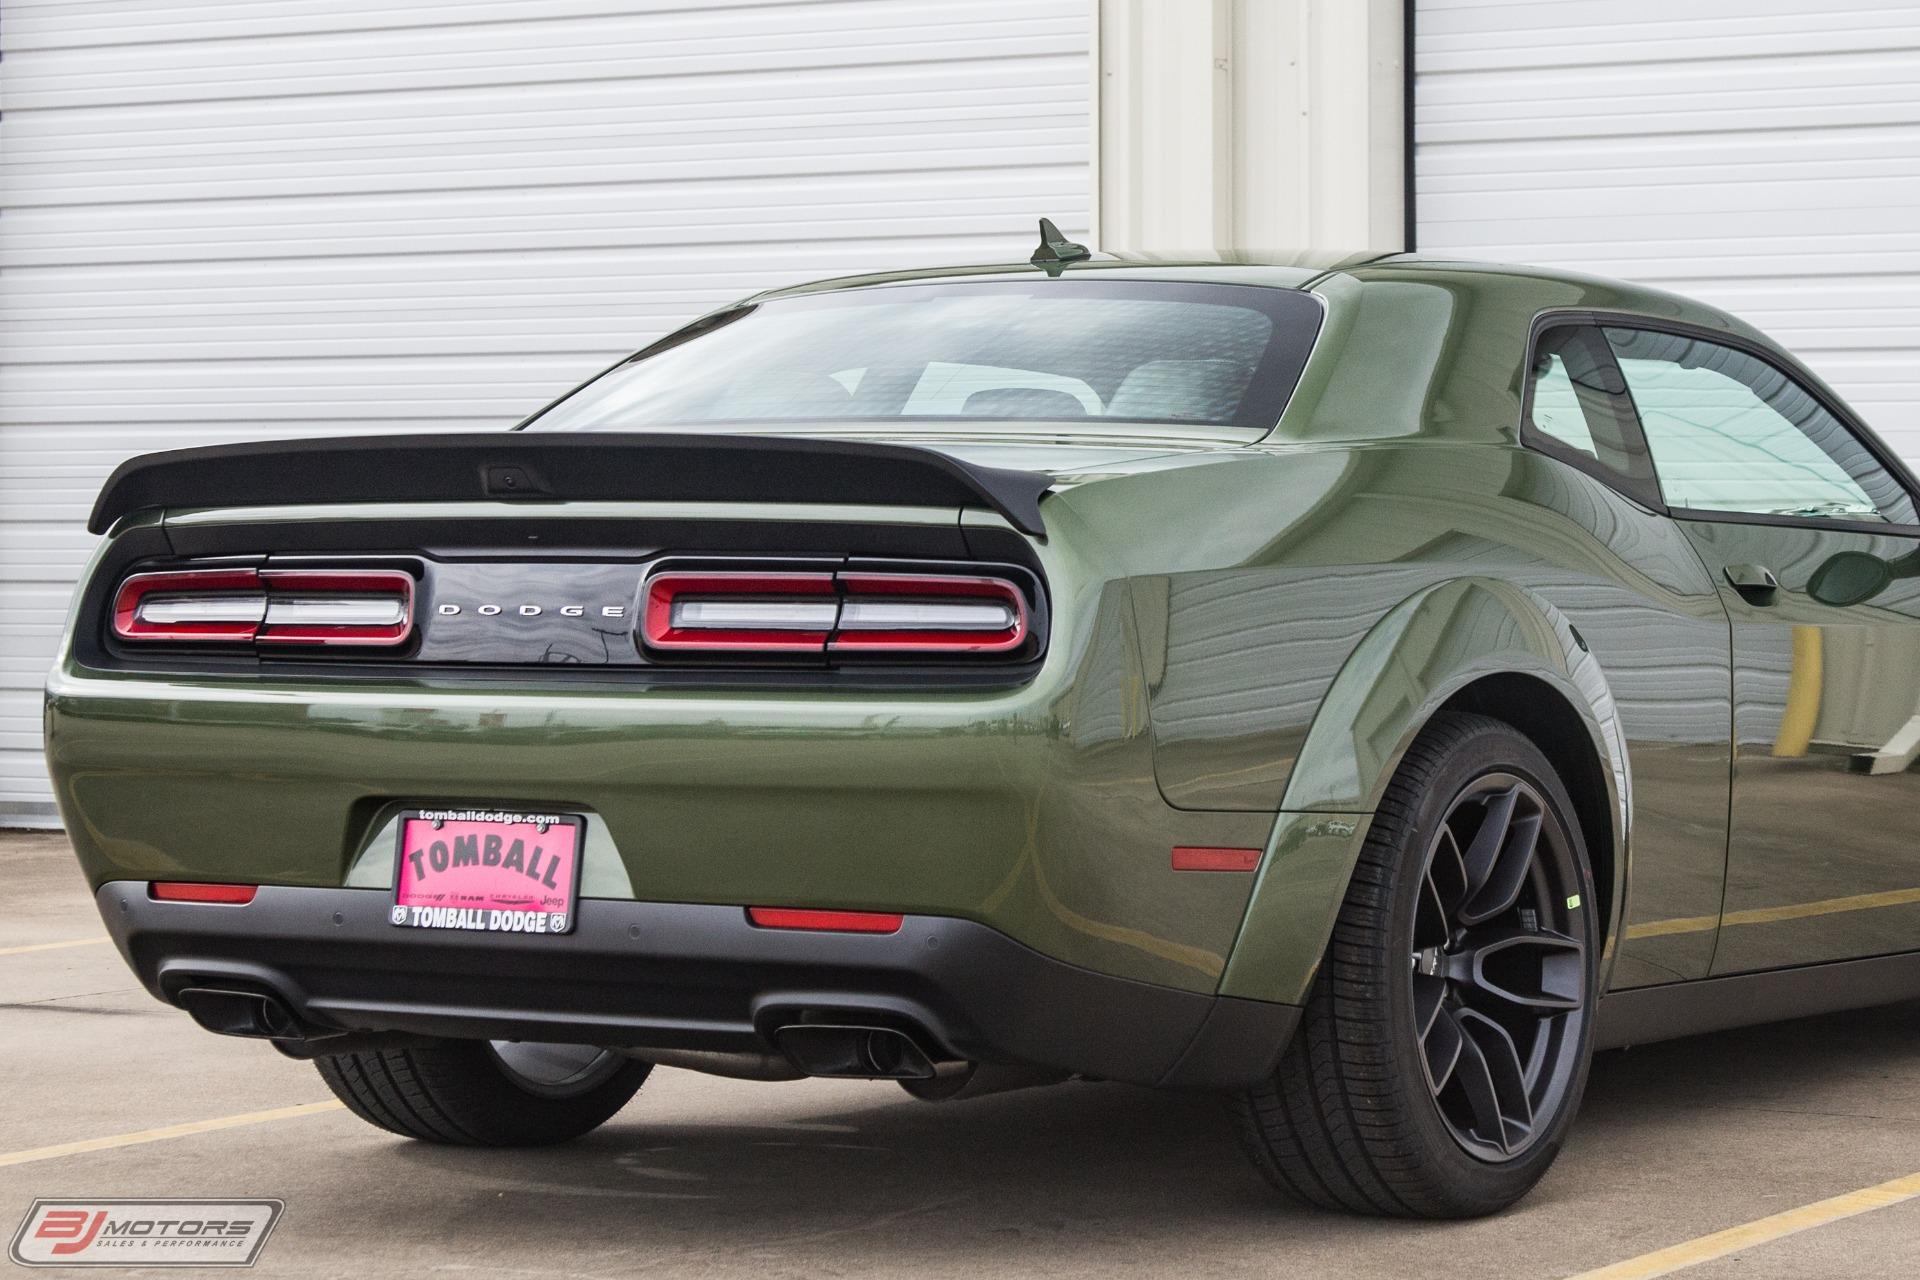 New 2019 Dodge Challenger Srt Hellcat Redeye For Sale 92 495 Bj